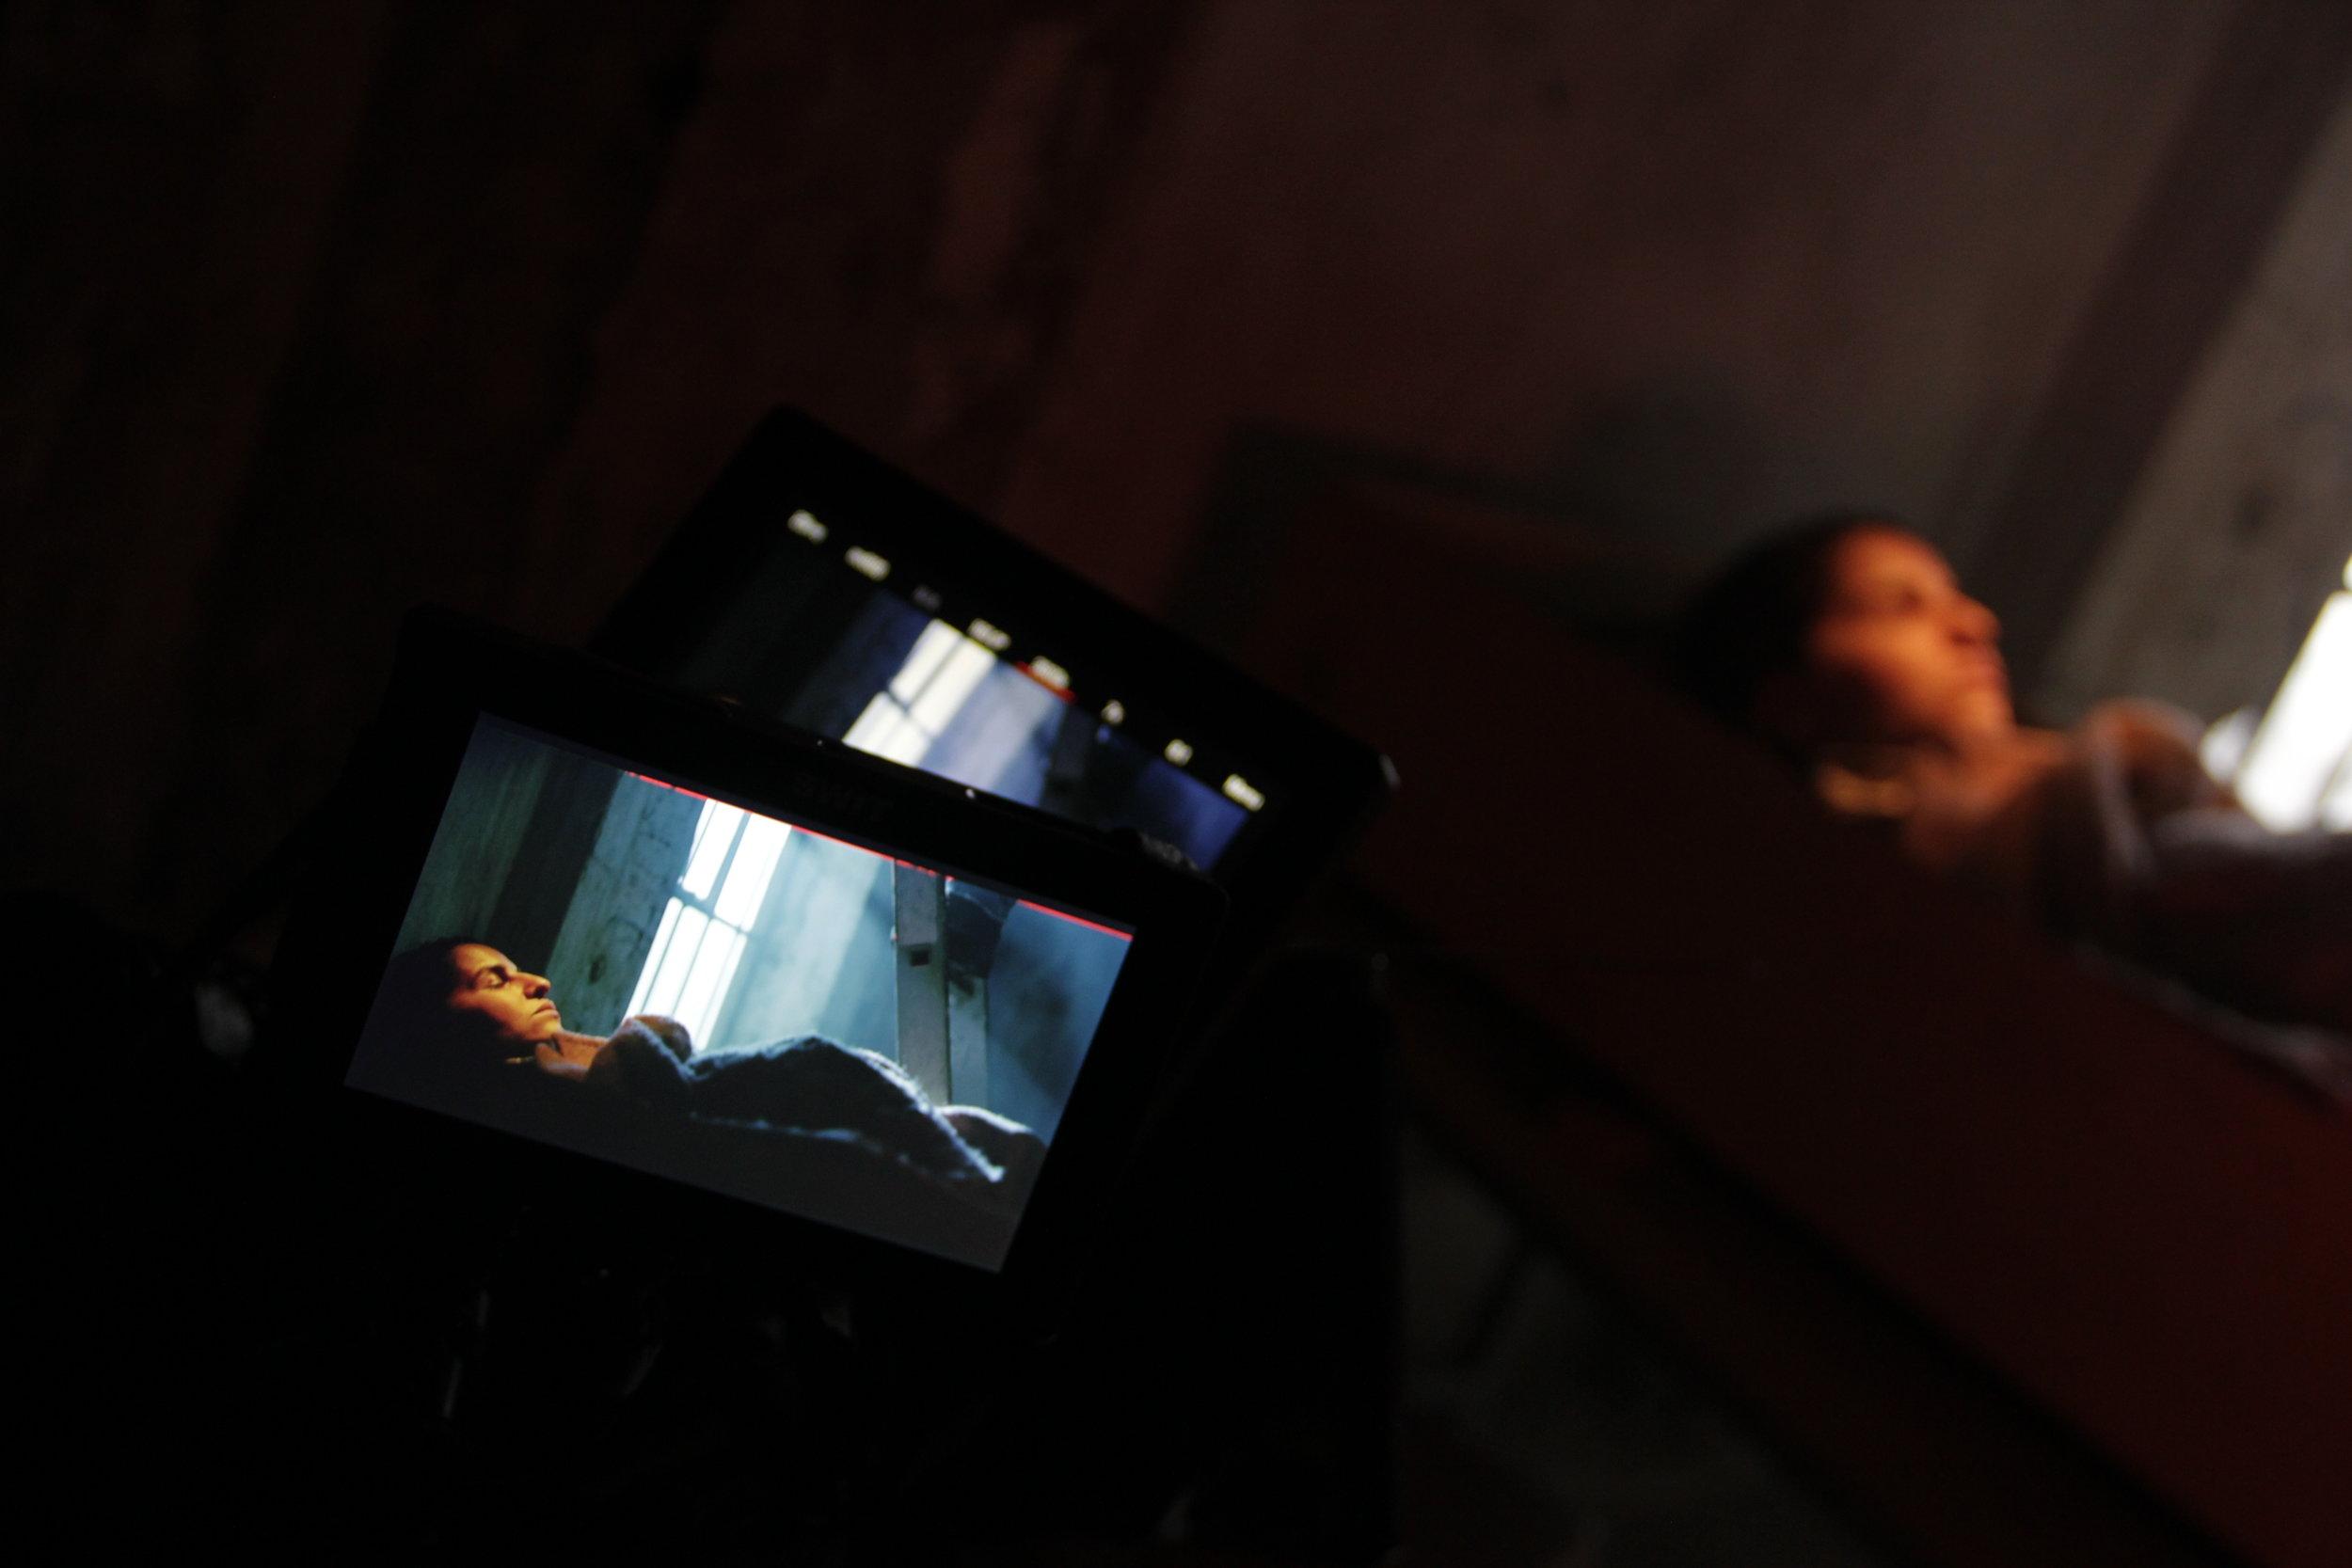 Ouroboros (Kısa Film)